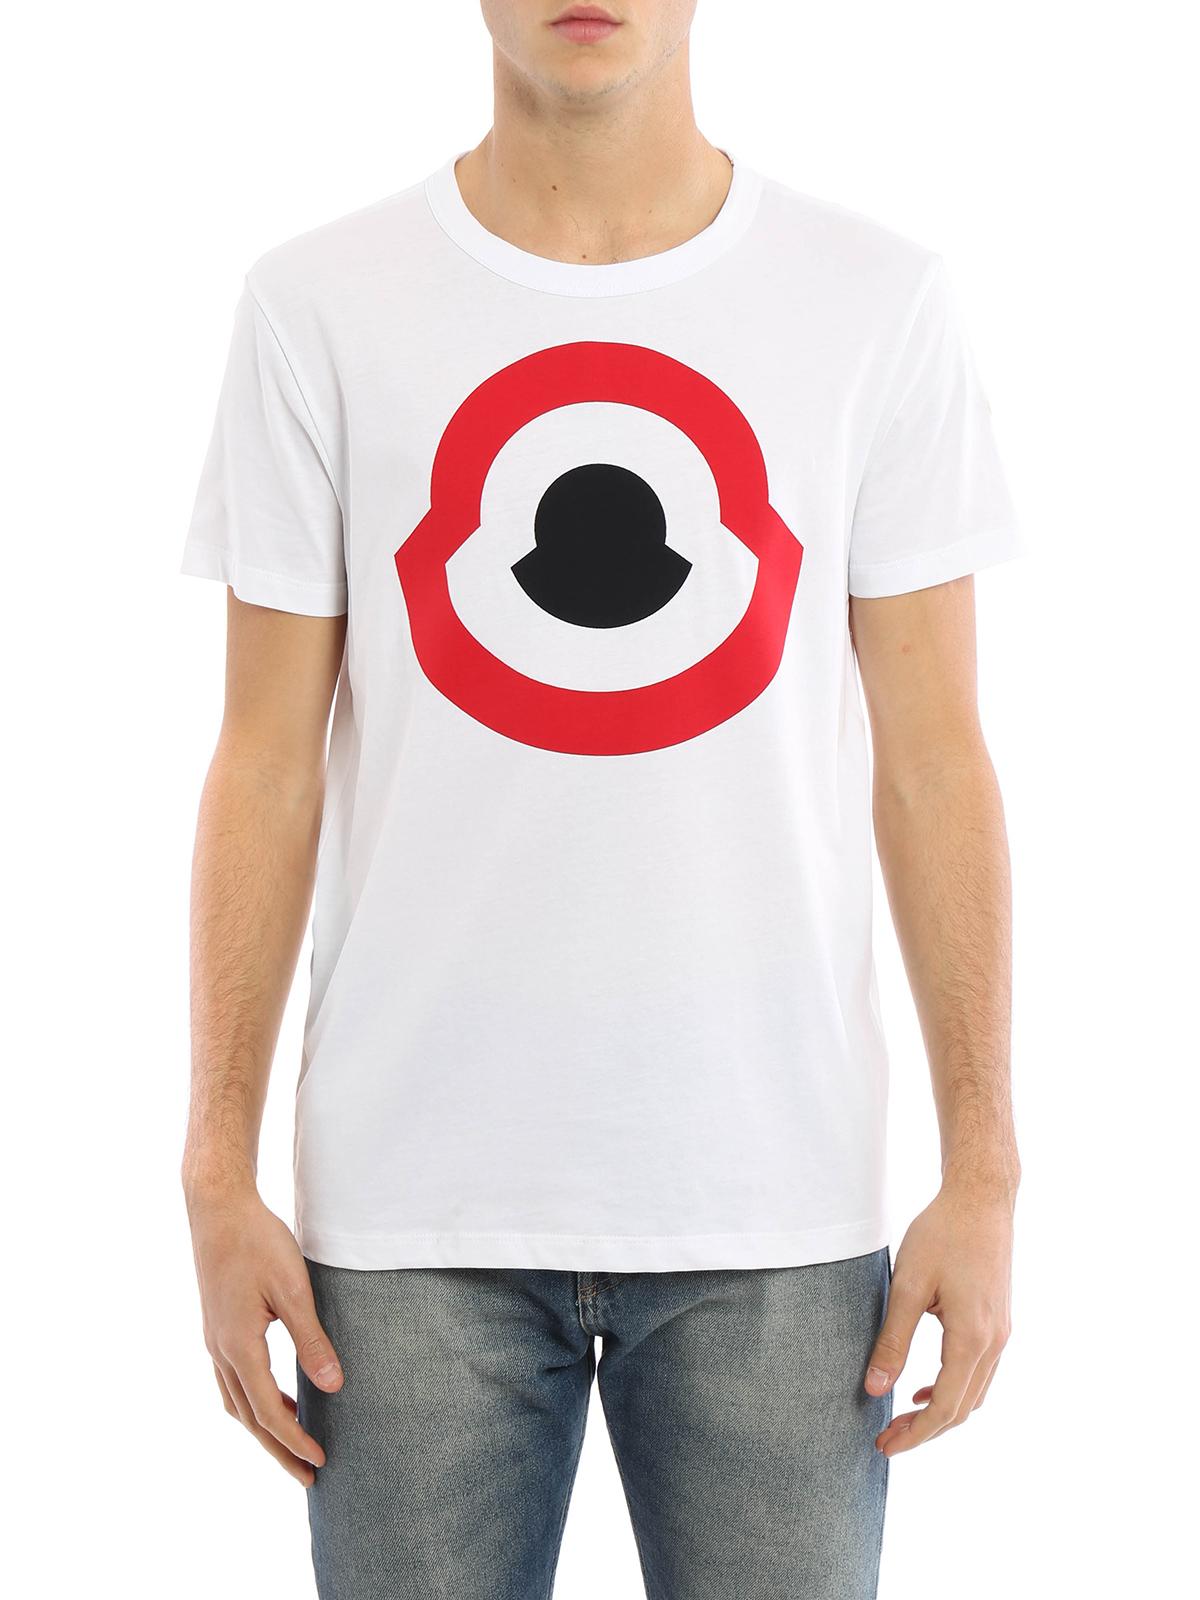 62cd50b15f18 Moncler - Logo print T-shirt - t-shirts - C1 091 8020350 82565 001